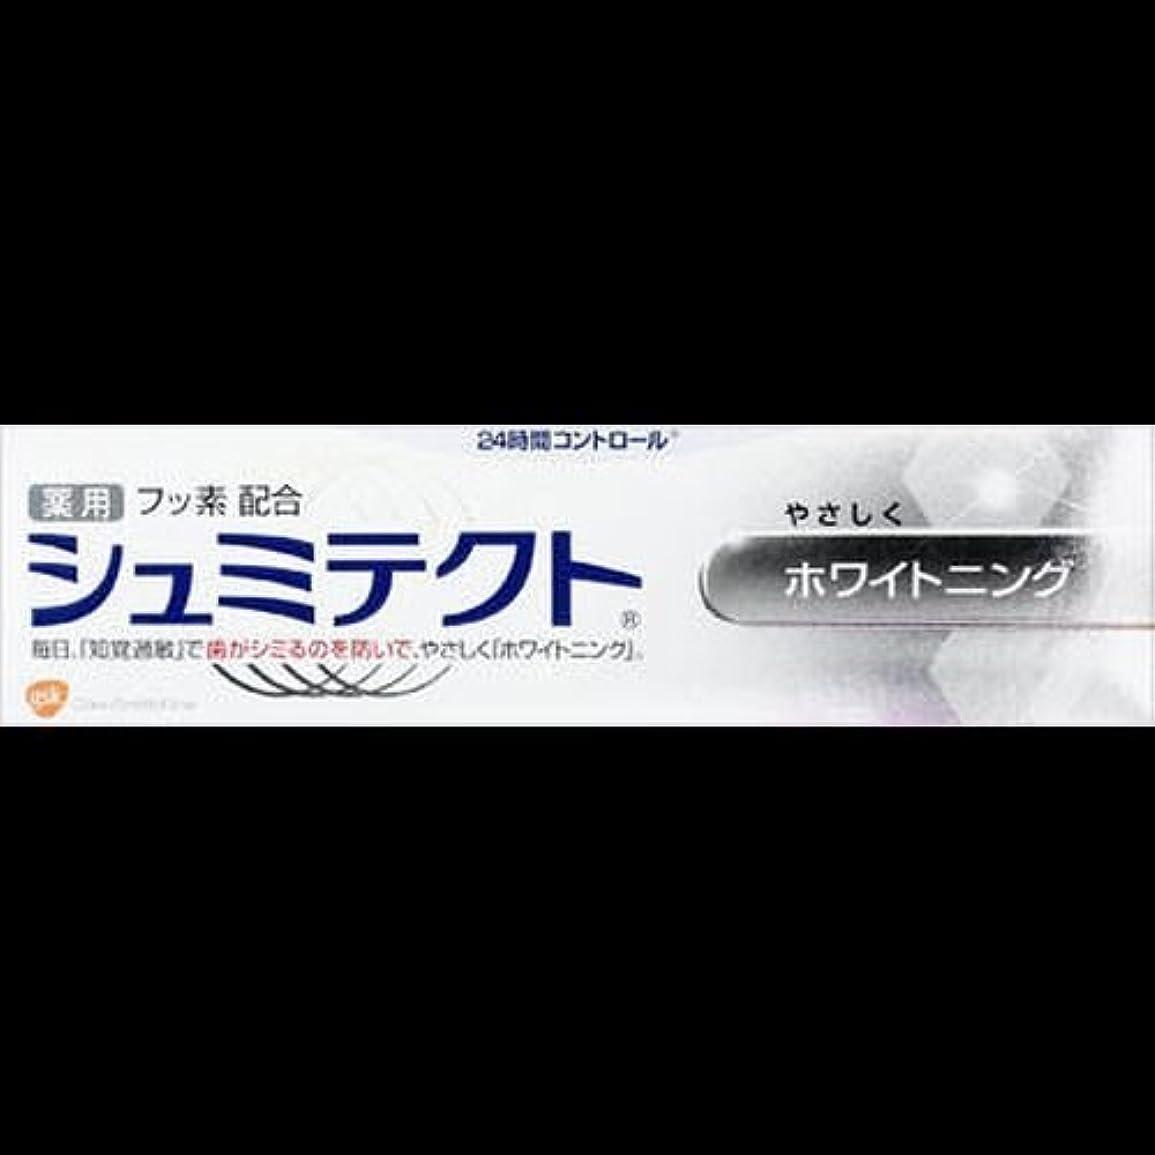 【まとめ買い】薬用シュミテクト ホワイトニング 90g ×2セット